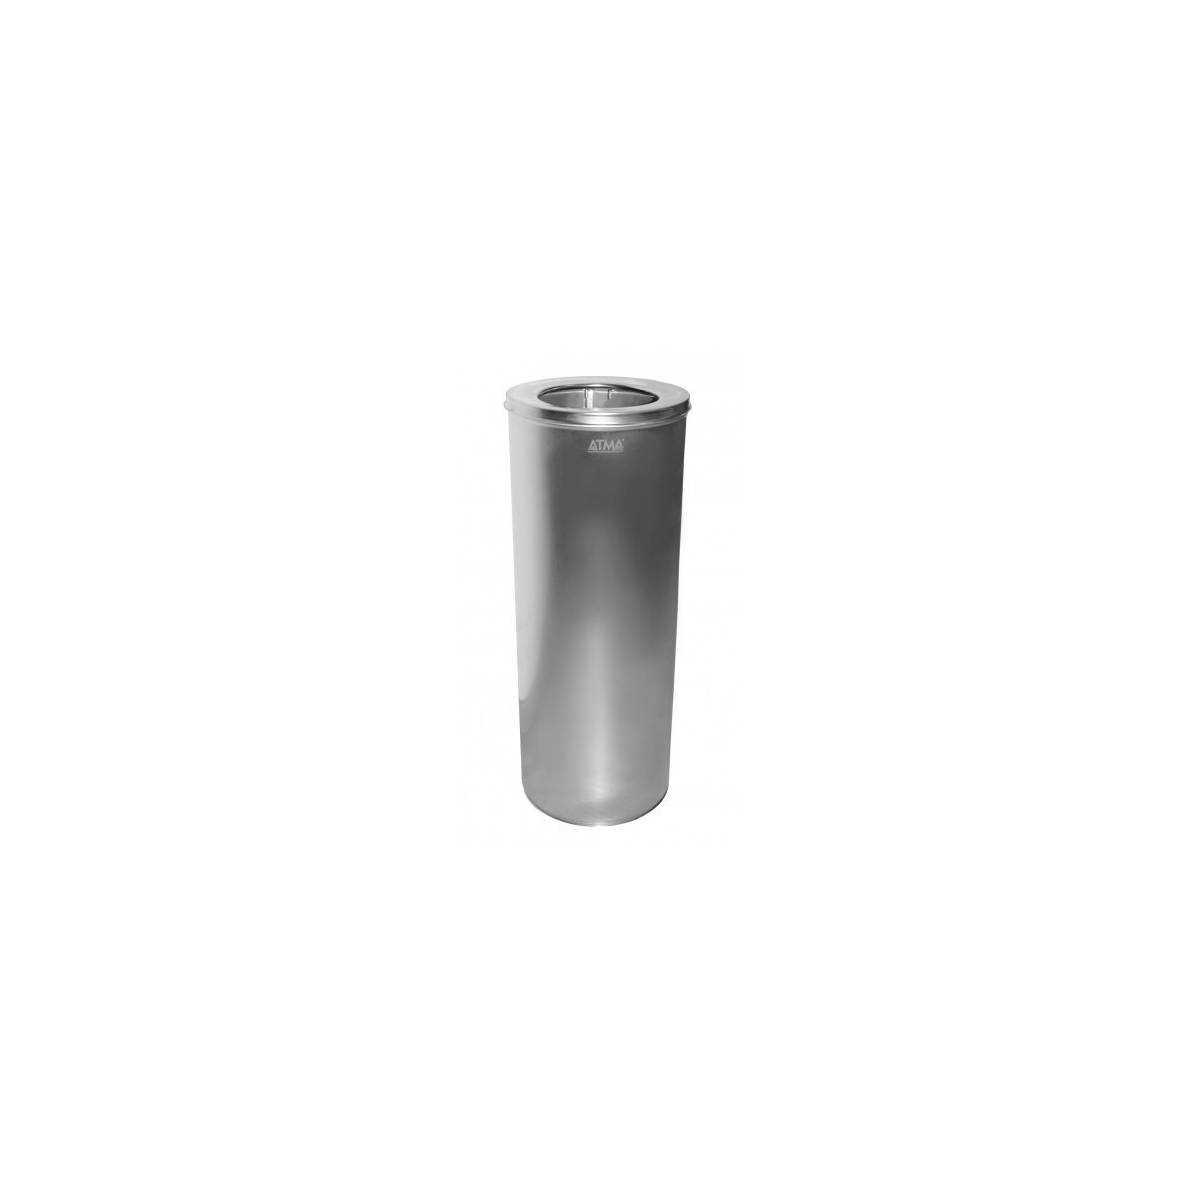 Урна для мусора 25л R-LINE с крышкой и держателем мешка (M 825S) M-825S Атма